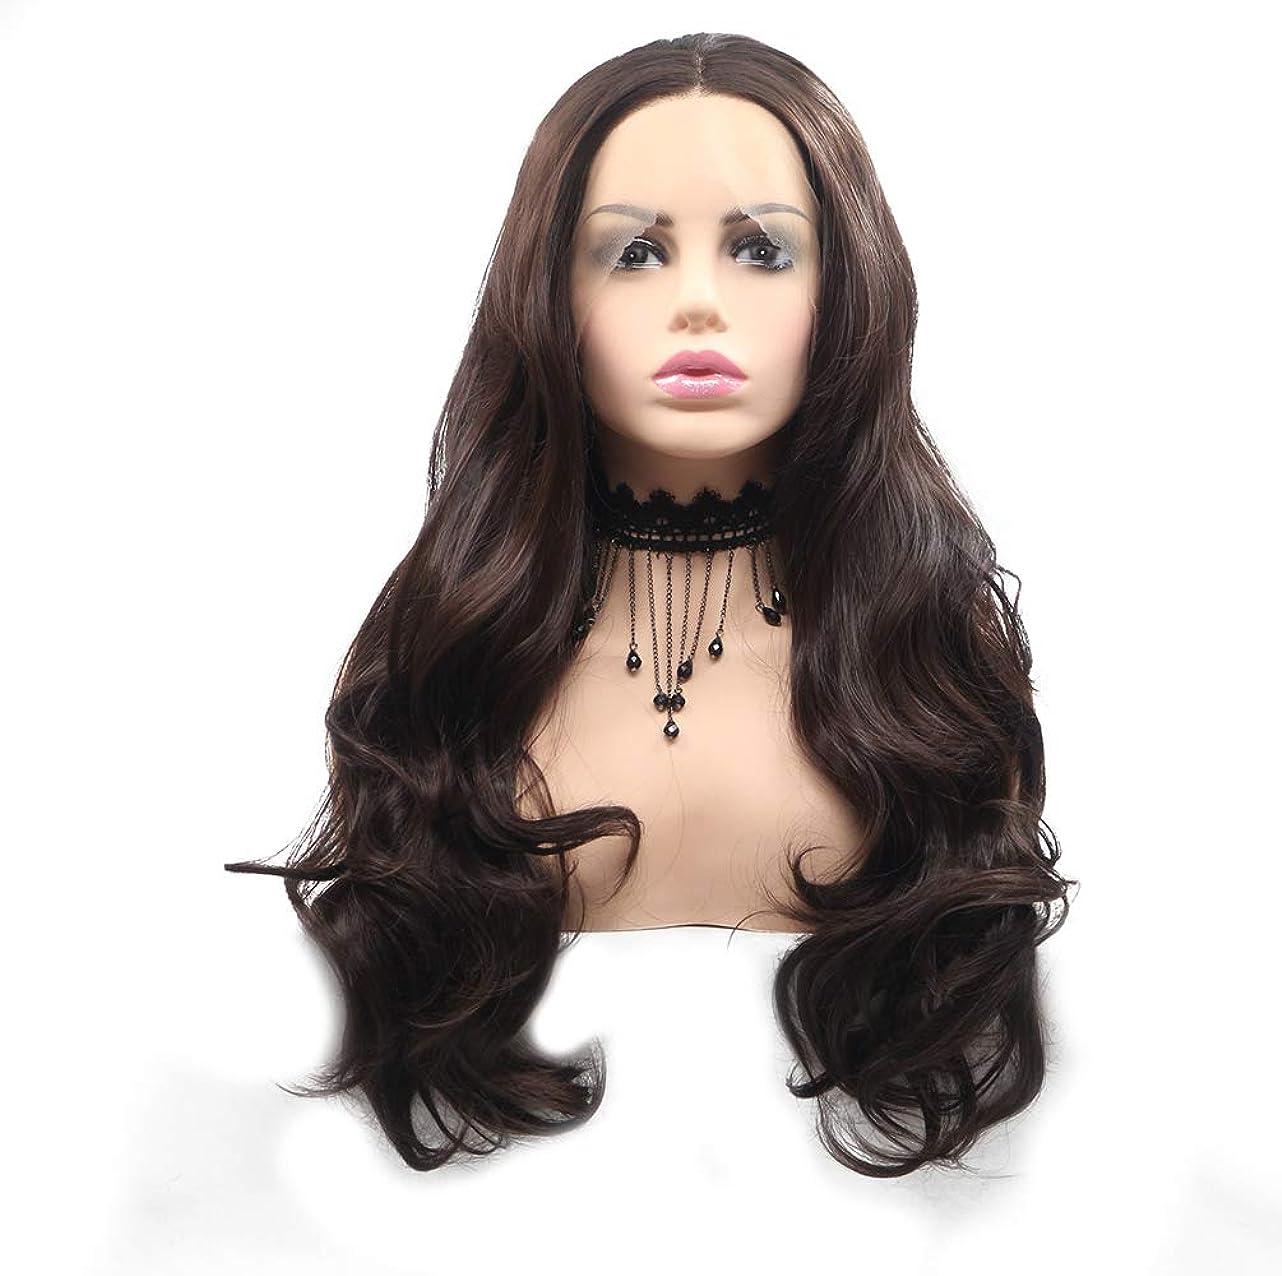 警告リム服かつら女性レースフロントの実体波ブラジルのかつらで赤ん坊の髪の漂白された結び目自然な生え際ブラウン24インチ